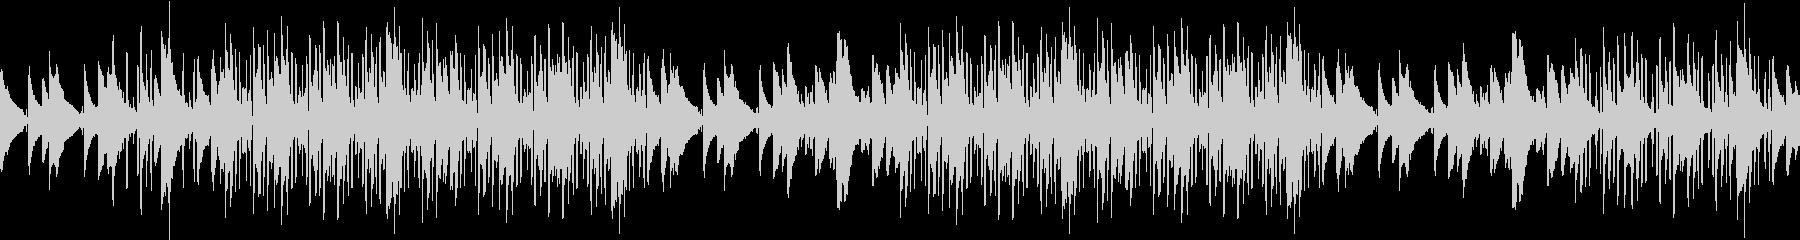 ピアノ・緊迫・ヒップホップ・孤独・ループの未再生の波形